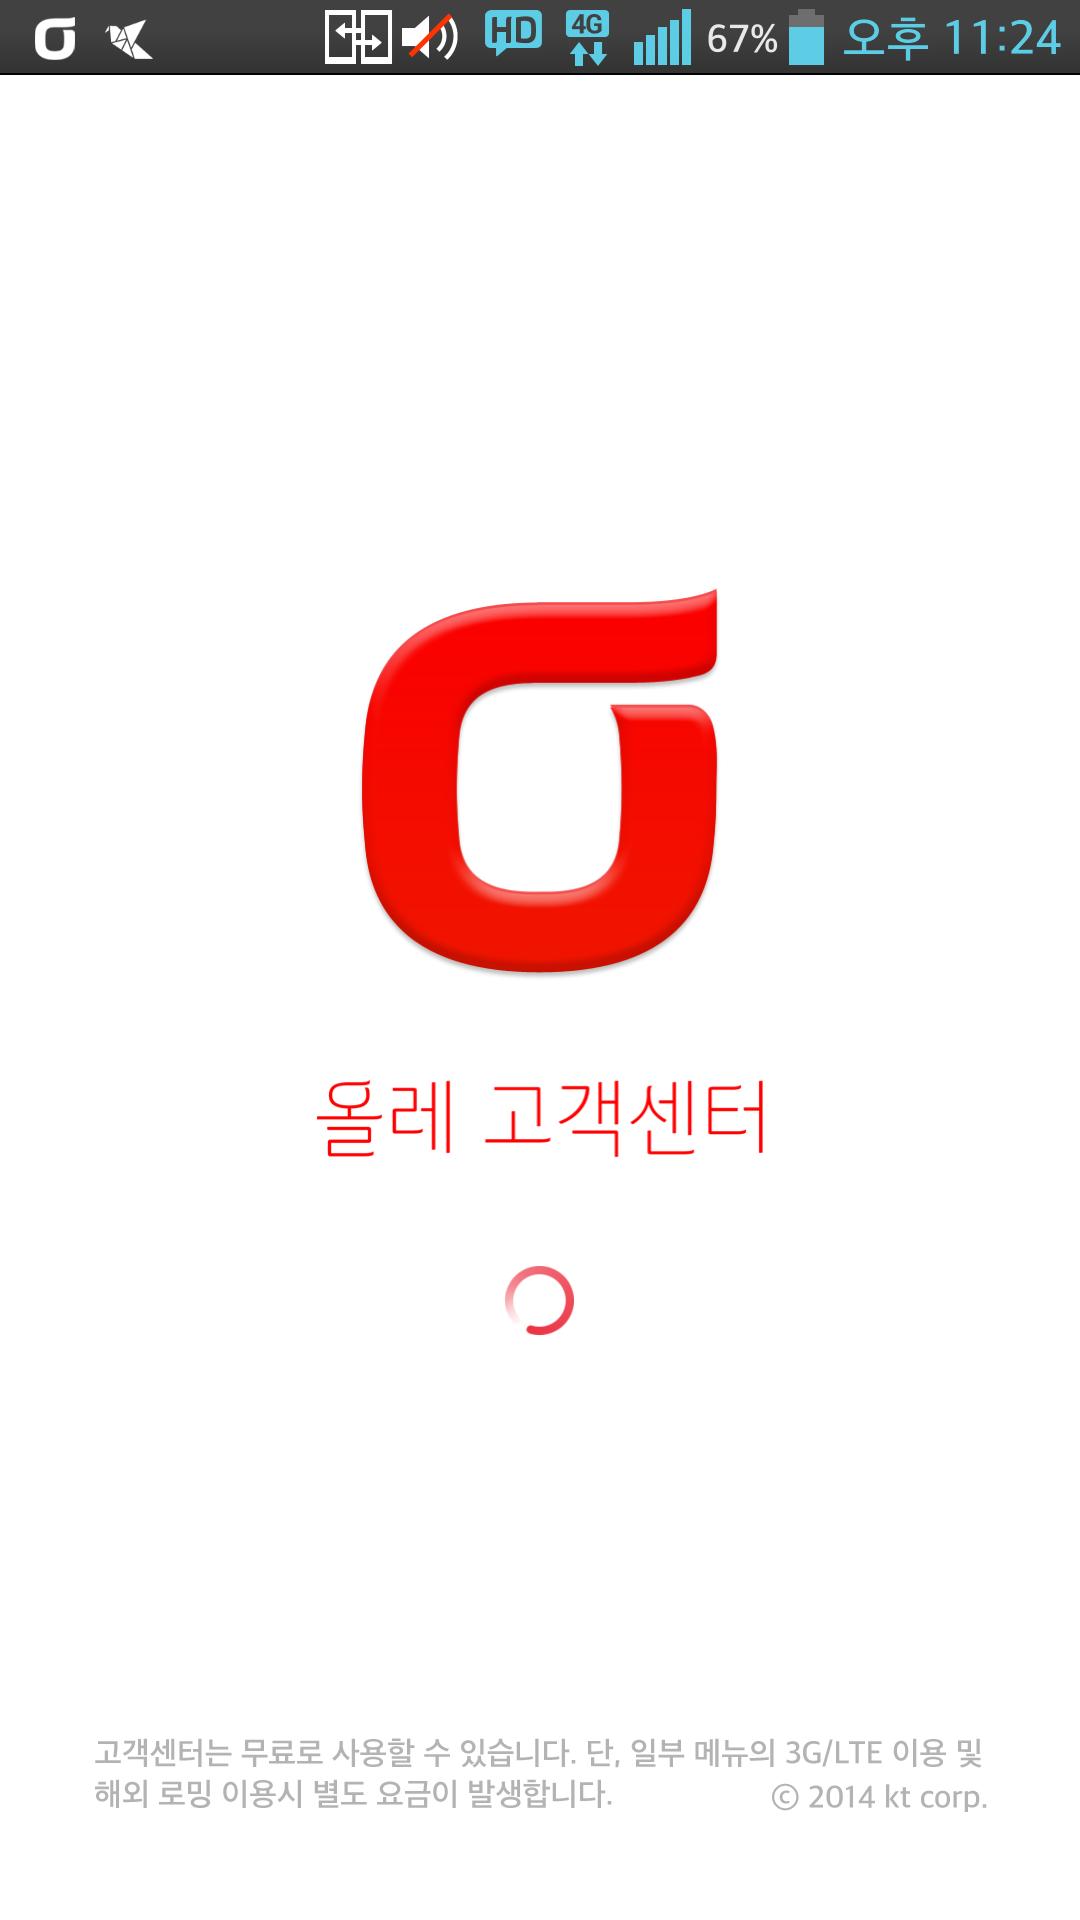 안드로이드용 올레 고객센터 앱 3.2.2 다운로드